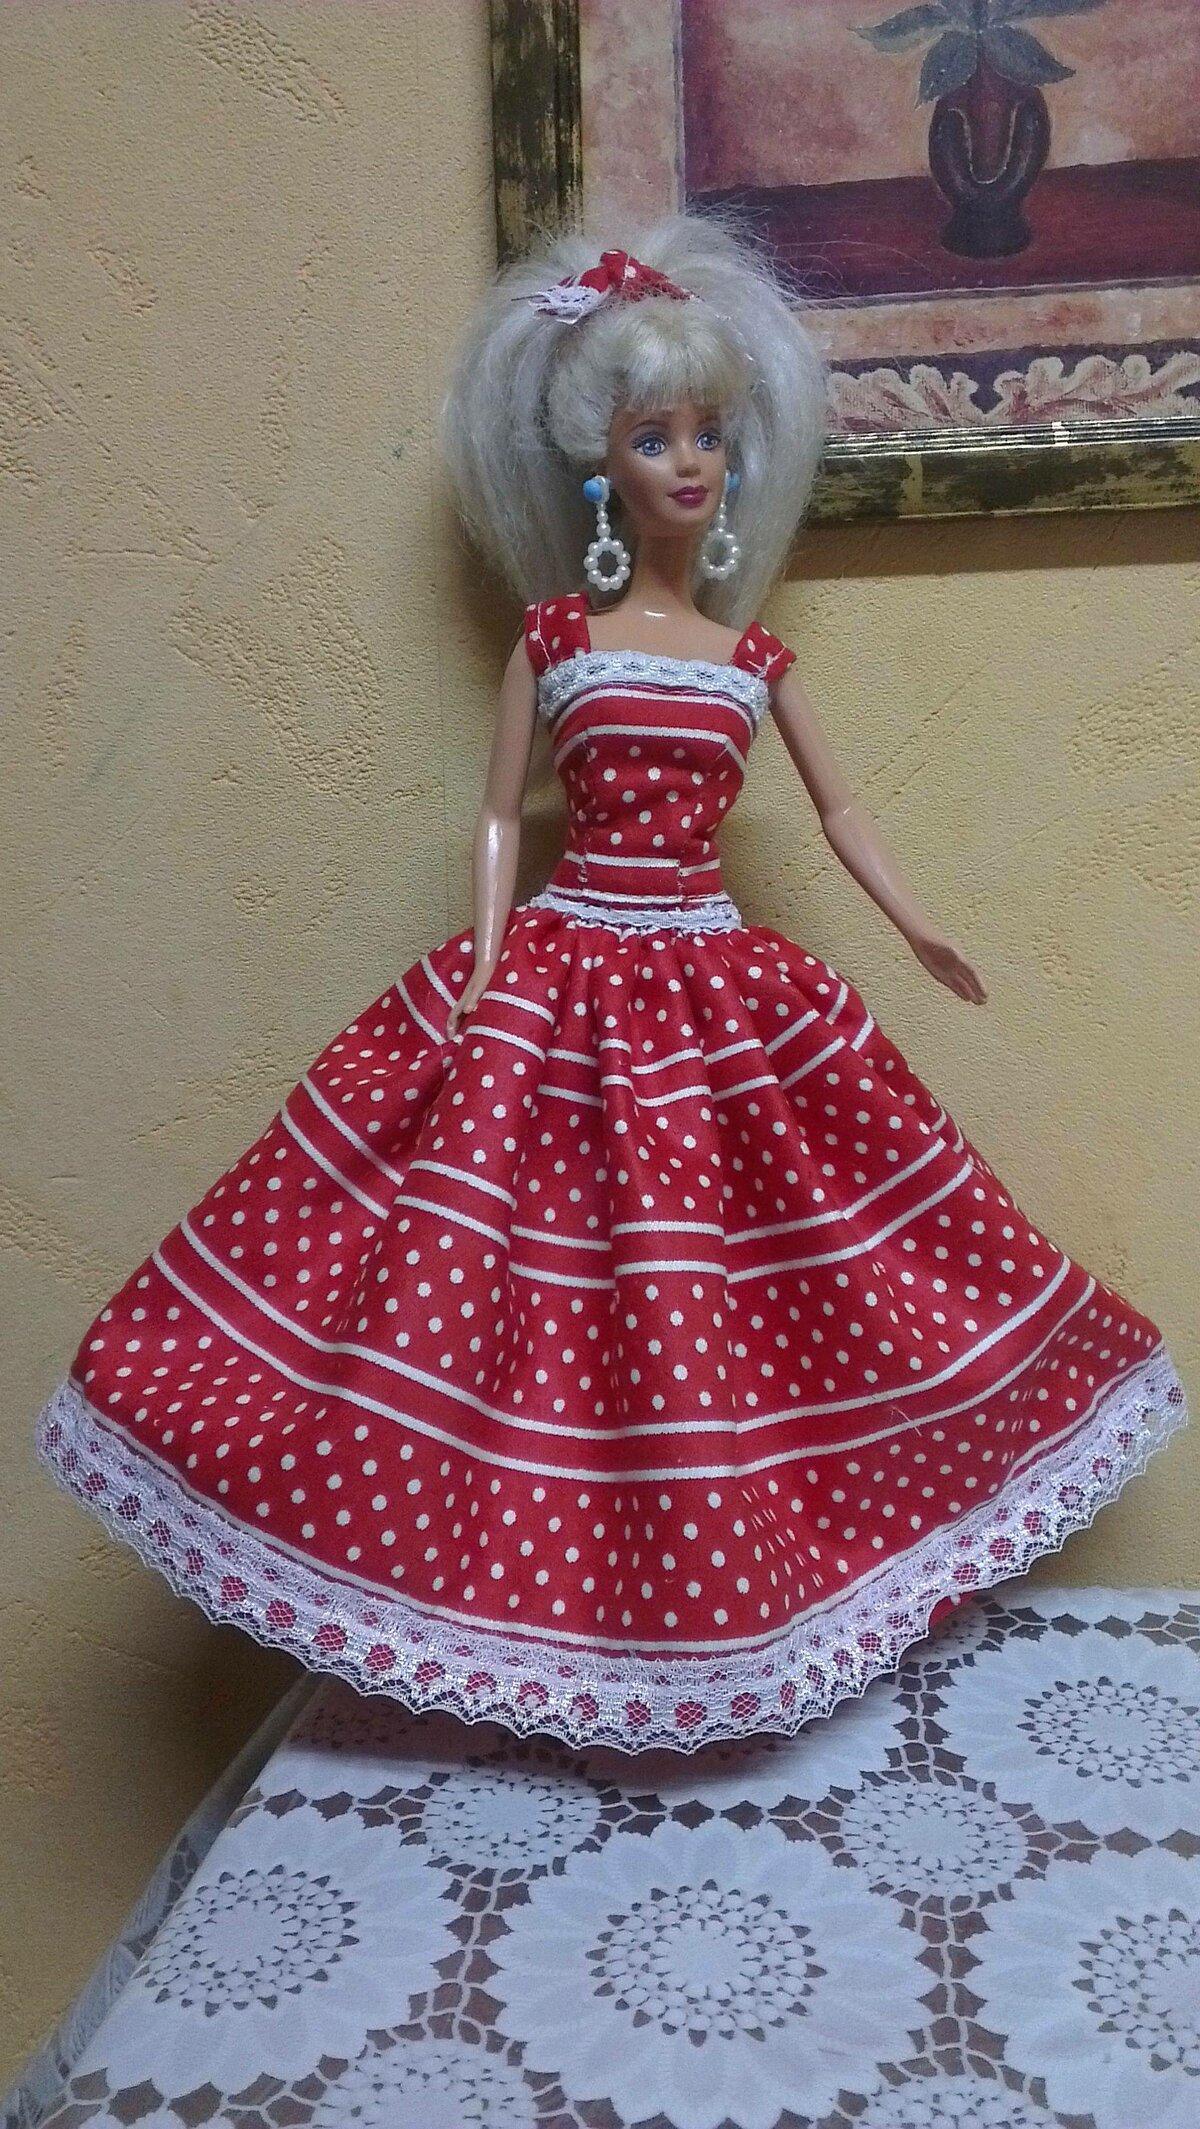 Одежда для Барби : своими руками, выкройки, в натуральную величину 17